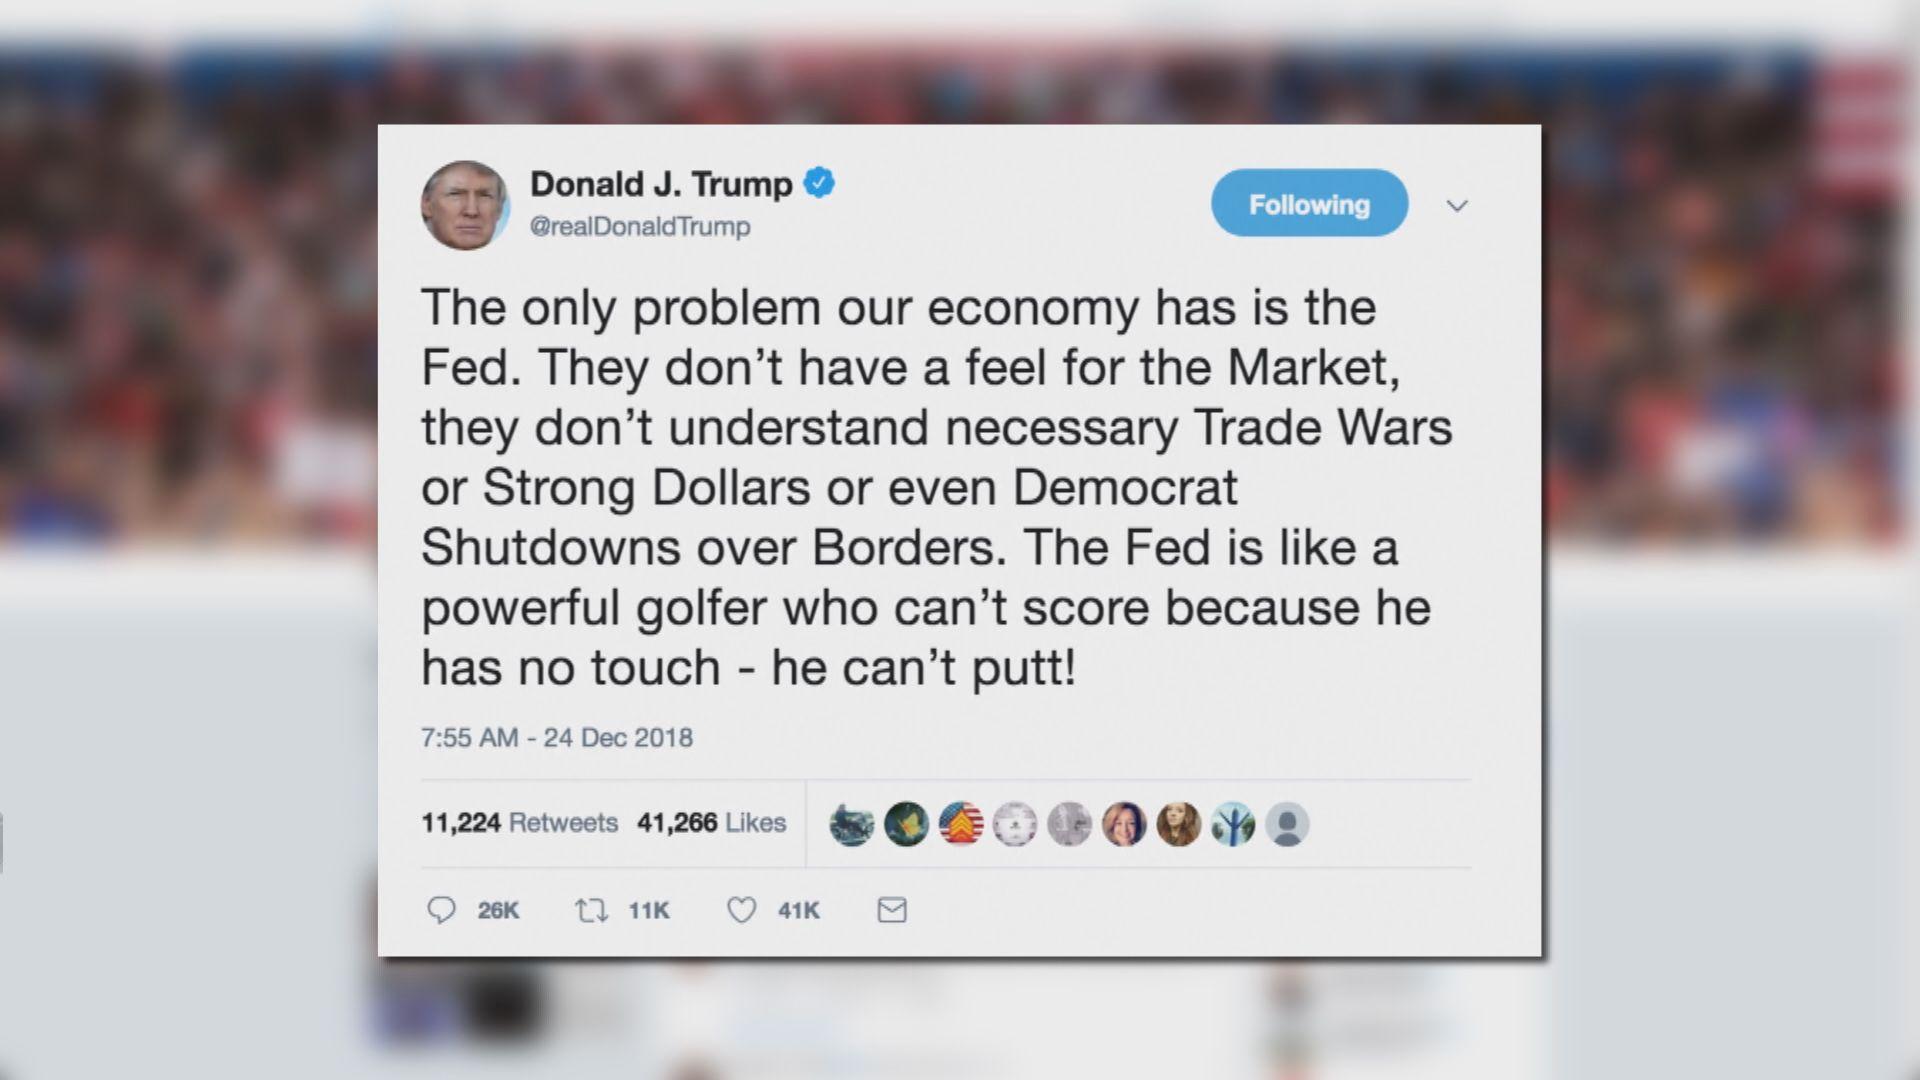 特朗普批評聯儲局是美國經濟的唯一問題